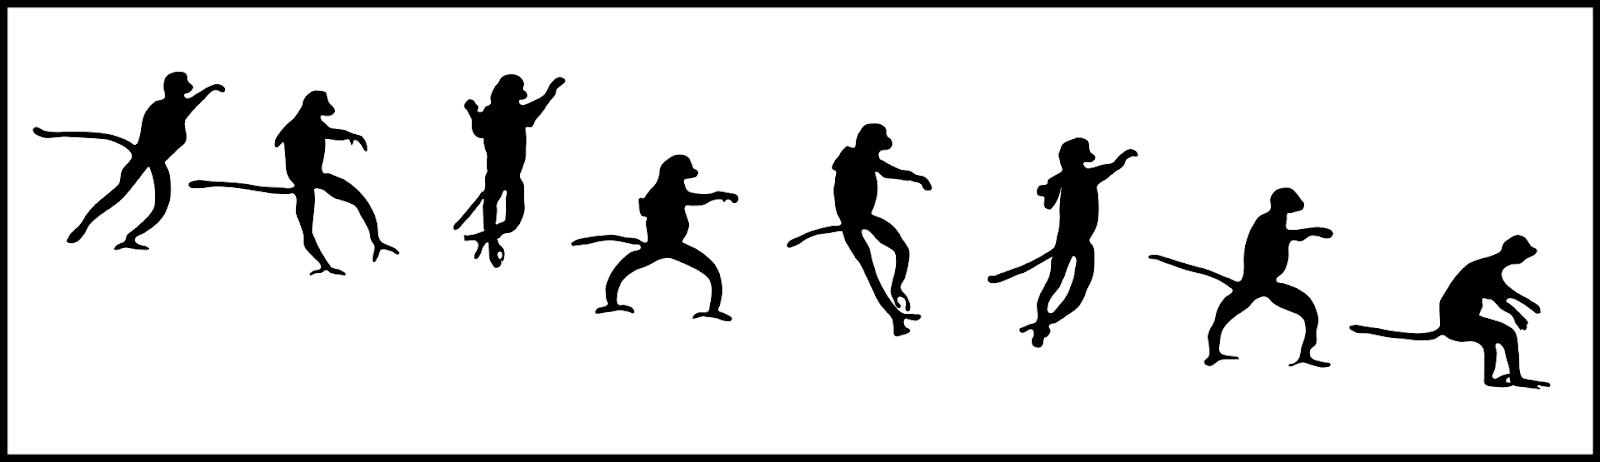 Cách di chuyển của Vượn Cáo Sifakas